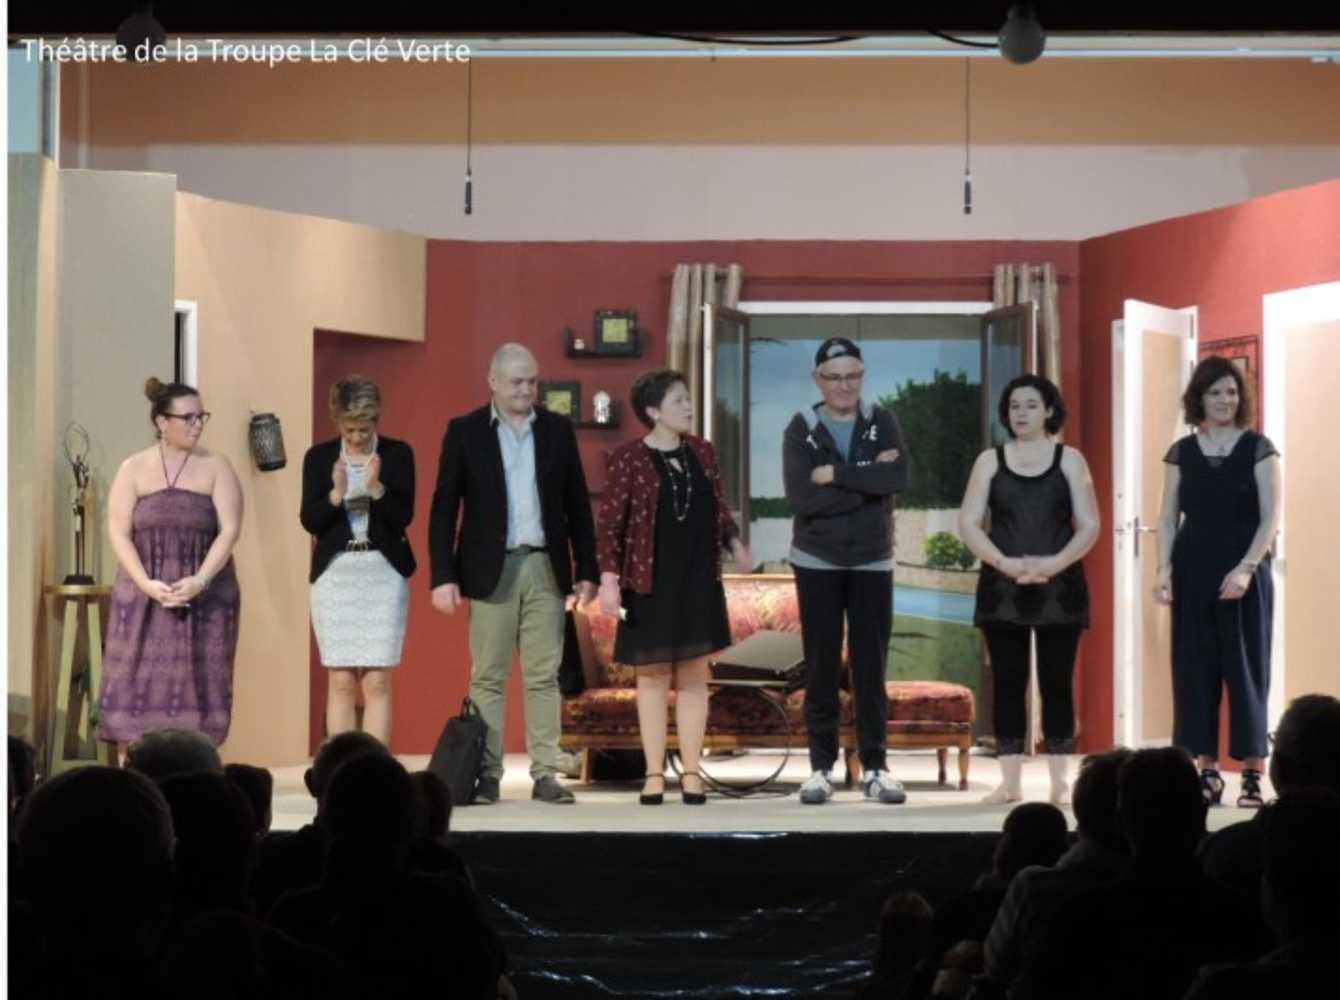 Troupe de théâtre la Clé Verte : photos des représentations 0